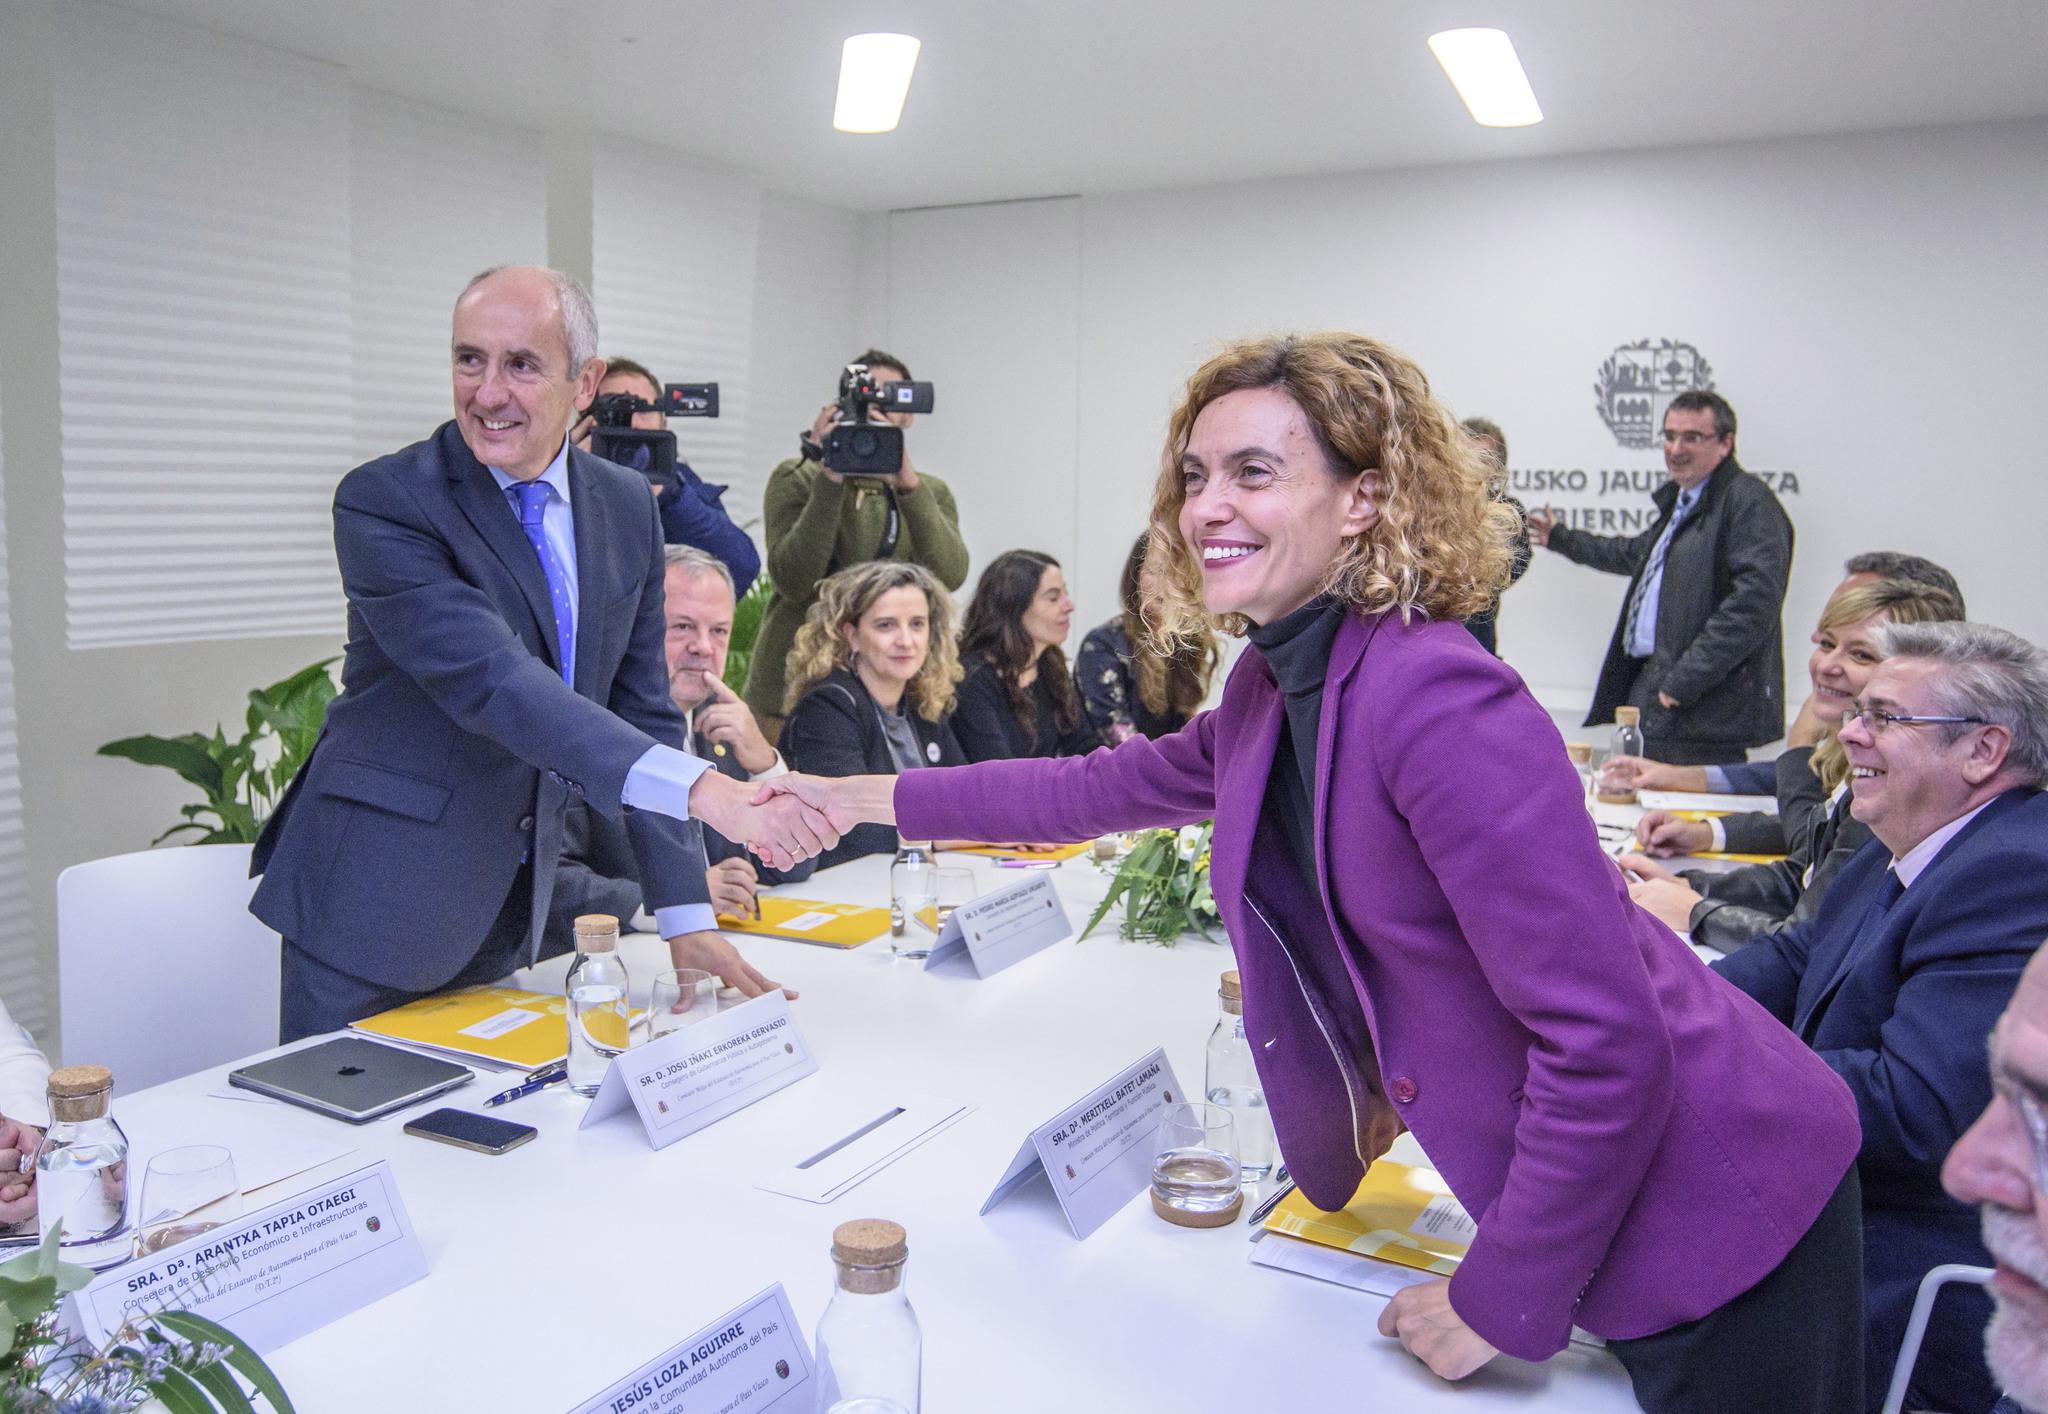 Josu Erkoreka y Meritxell Batet durante la última reunión de la Comisión Mixta de Transferencias celebrada en Bilbao.